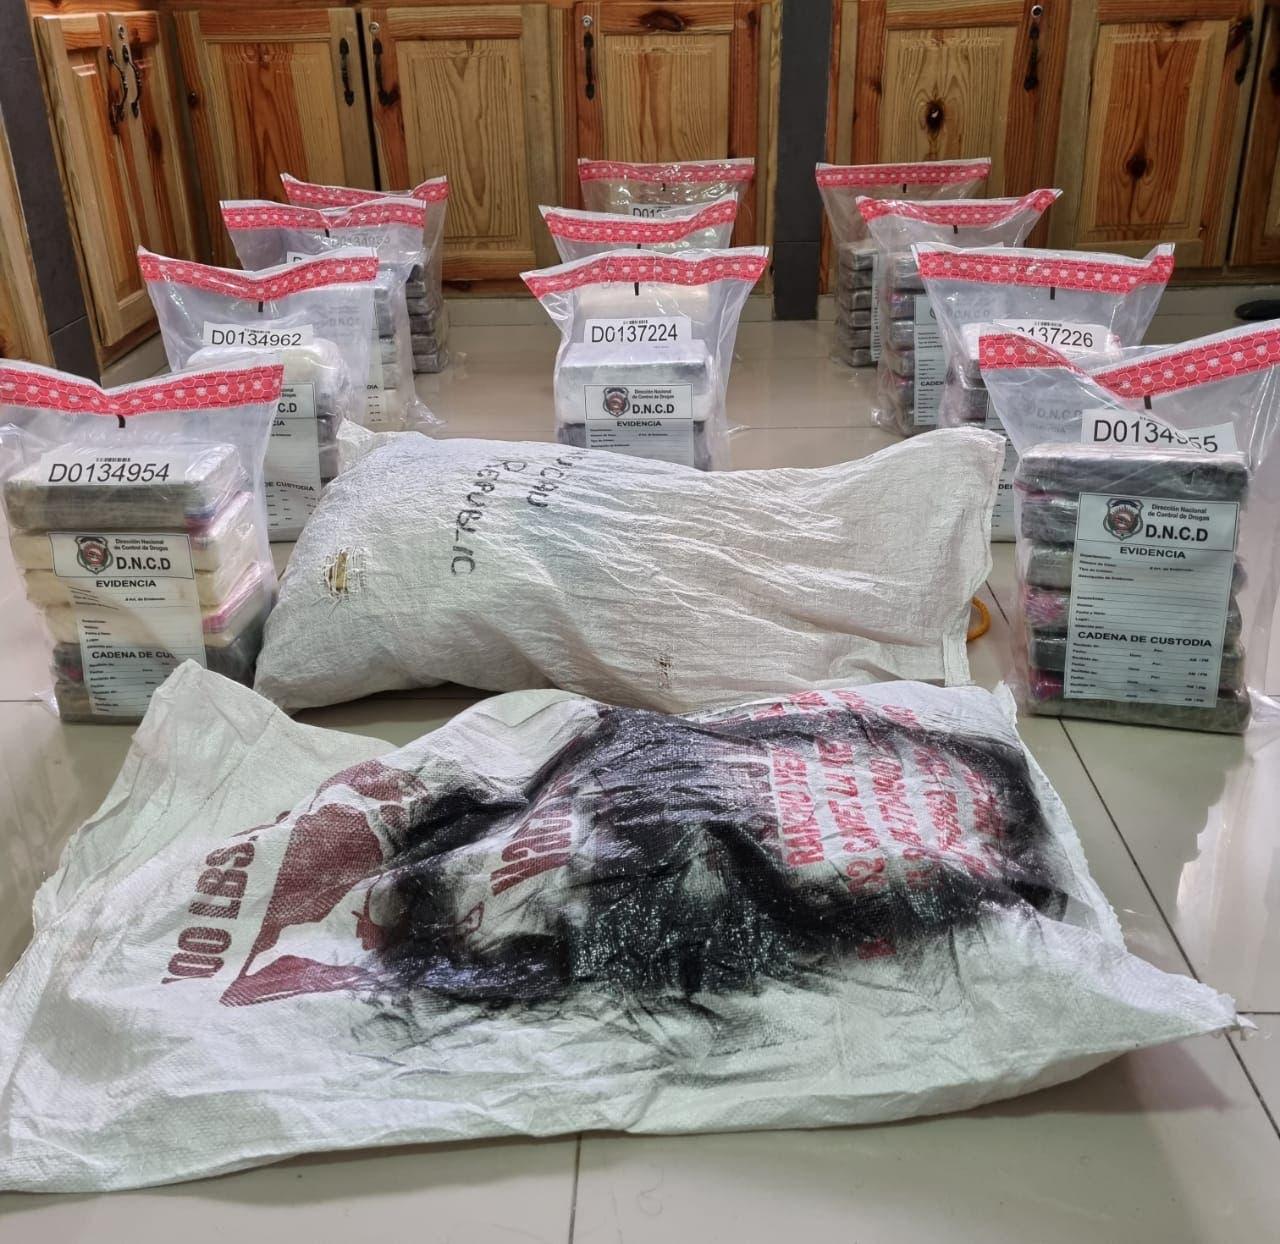 DNCD ocupa 66 paquetes presumiblemente cocaína en finca de Samaná